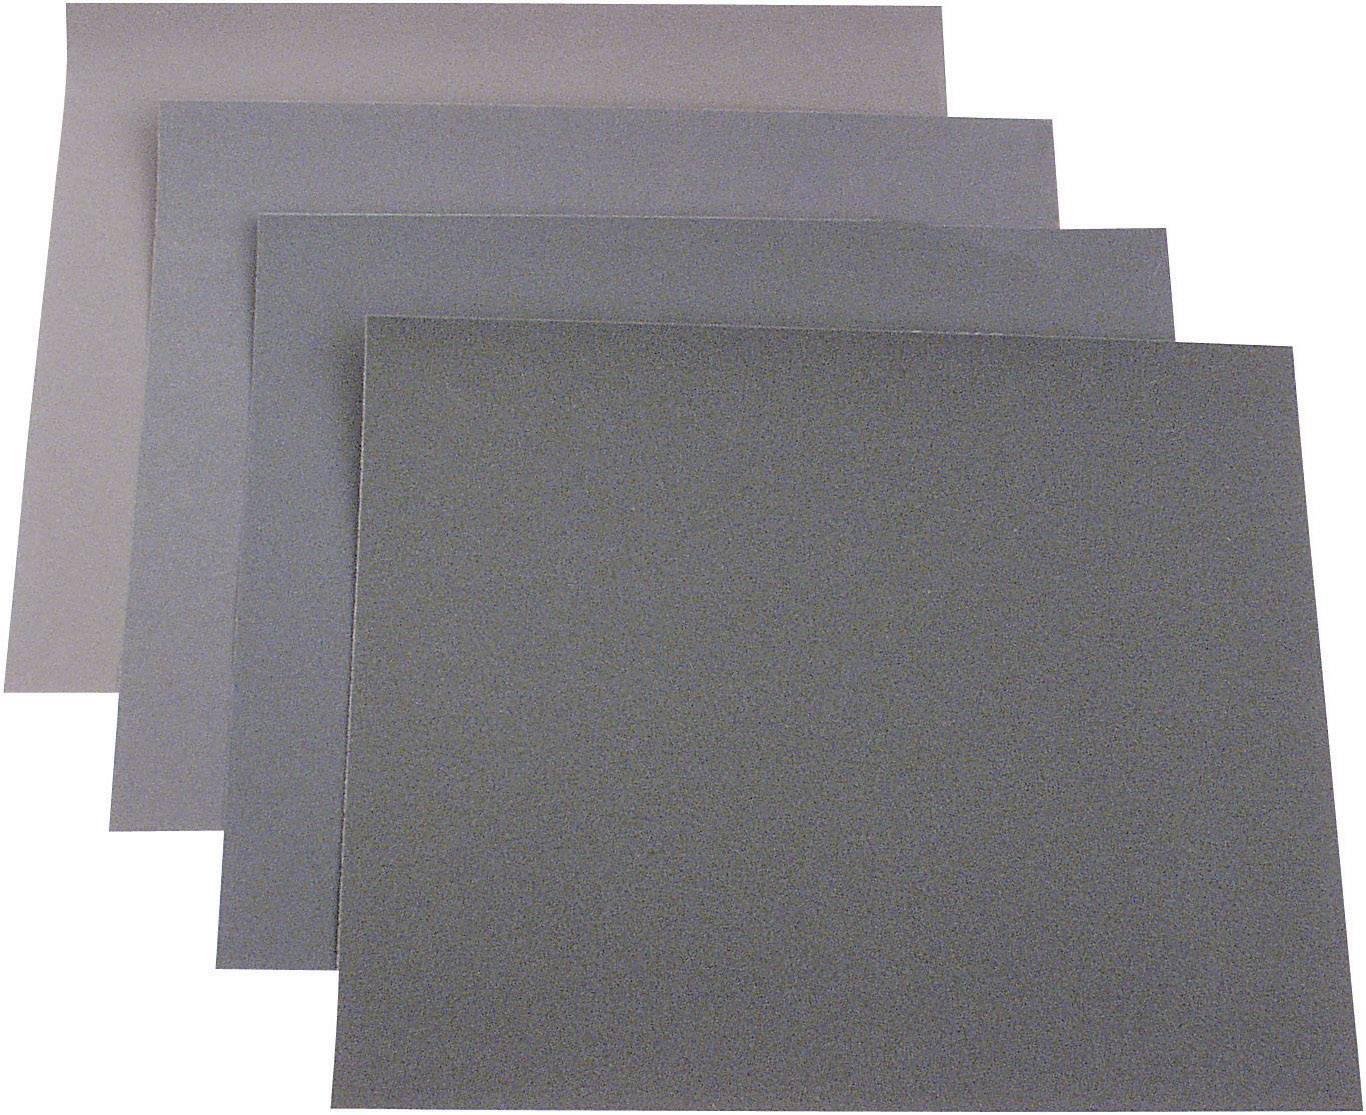 kwb Schleifpapier auf Rolle Holz Korn K-60 Schleifpapier-Rolle 5 m f/ür Metall Lack 115 mm